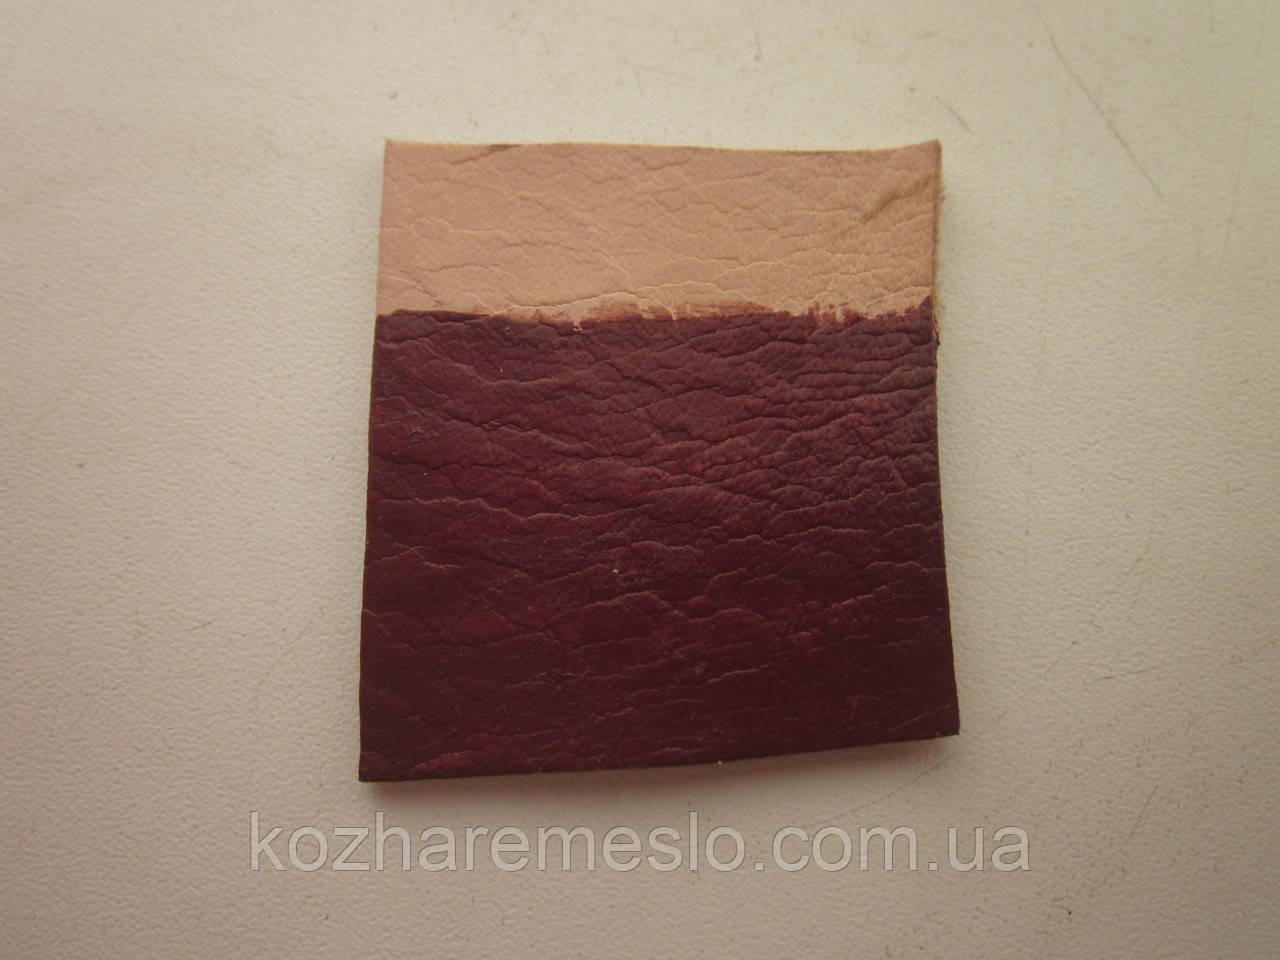 Краска для кожи HP COLOURS Fenice на водной основе пигментная 50 мл коричневая (Италия)